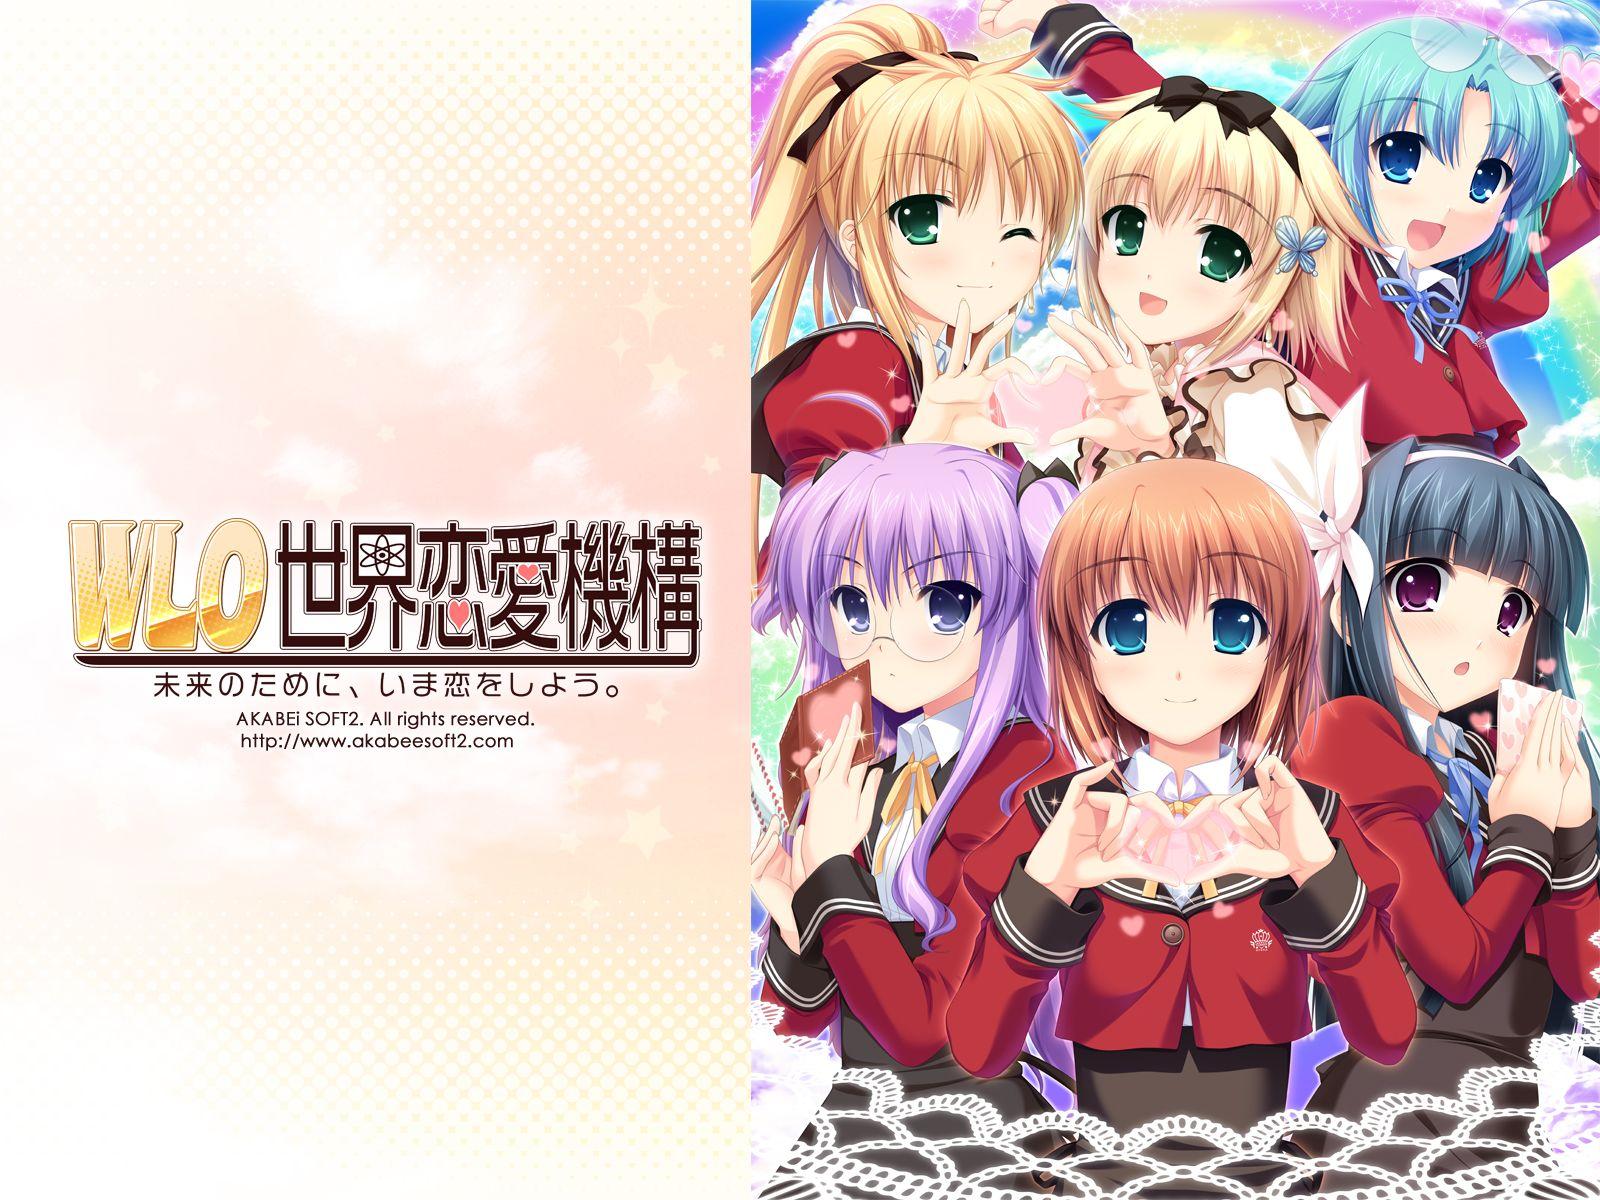 sekai_renai_kikou-08(1600x1200).jpg